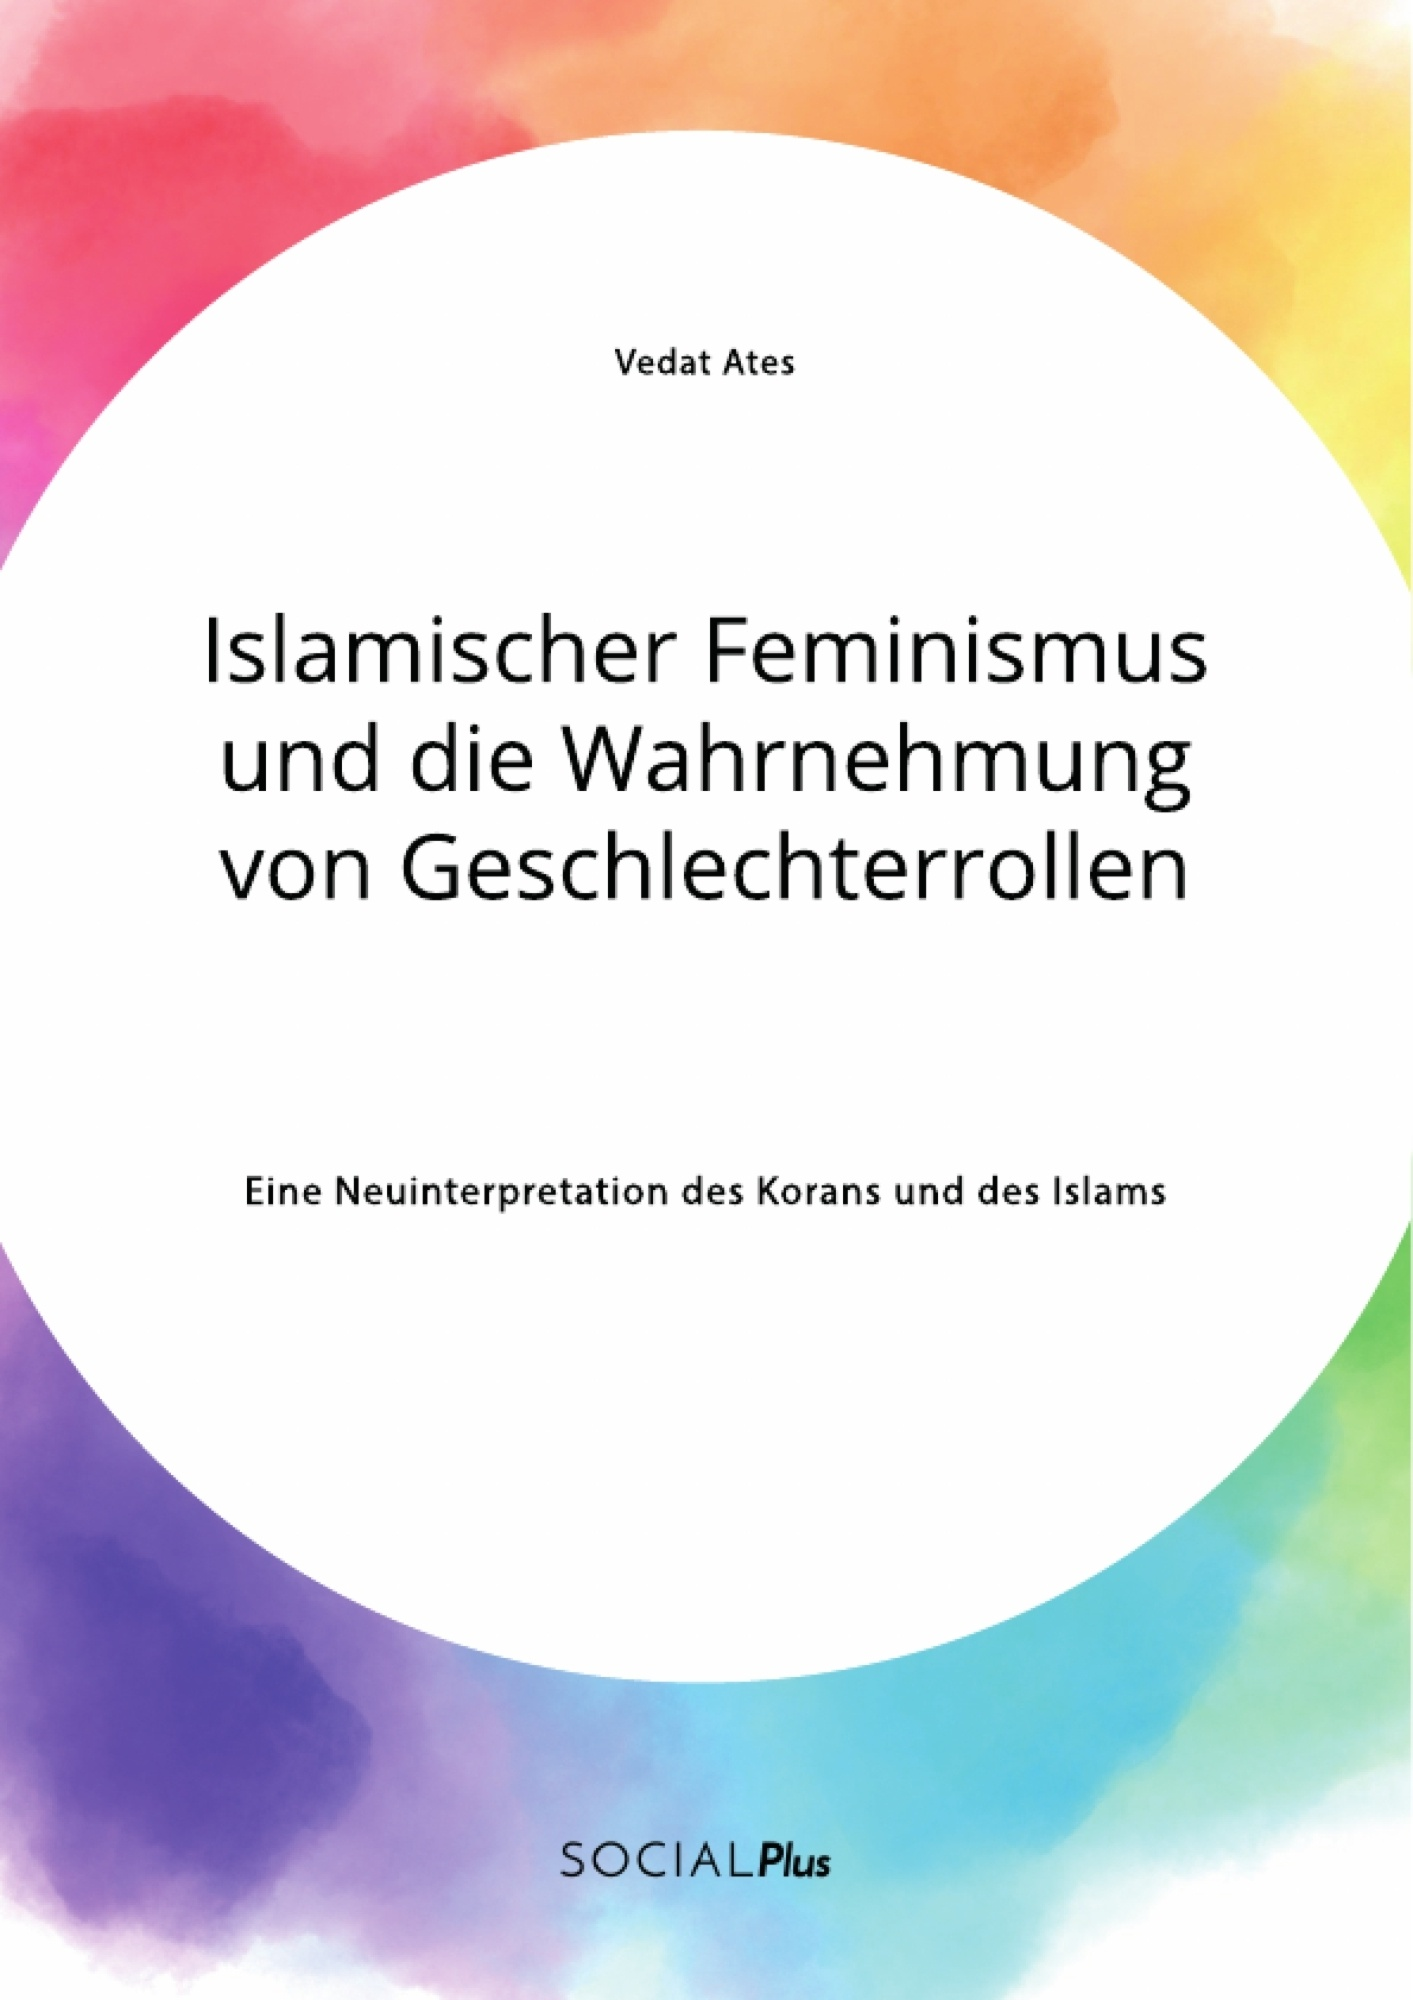 Titel: Islamischer Feminismus und die Wahrnehmung von Geschlechterrollen. Eine Neuinterpretation des Korans und des Islams